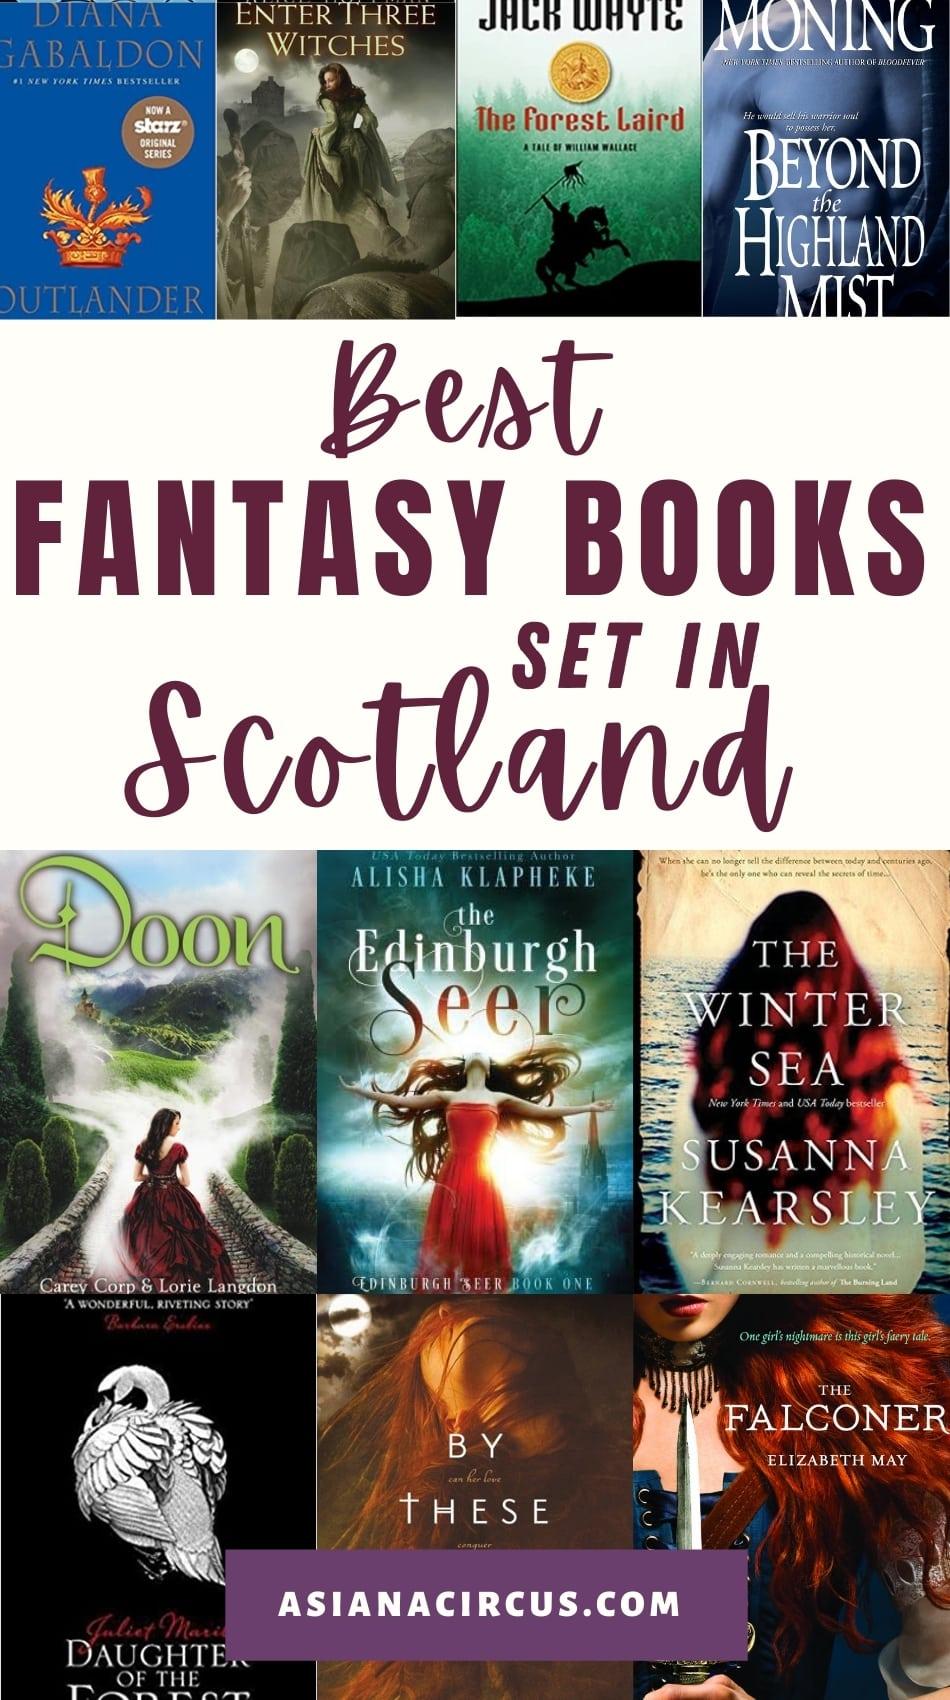 Best fantasy books set in scotland (1)